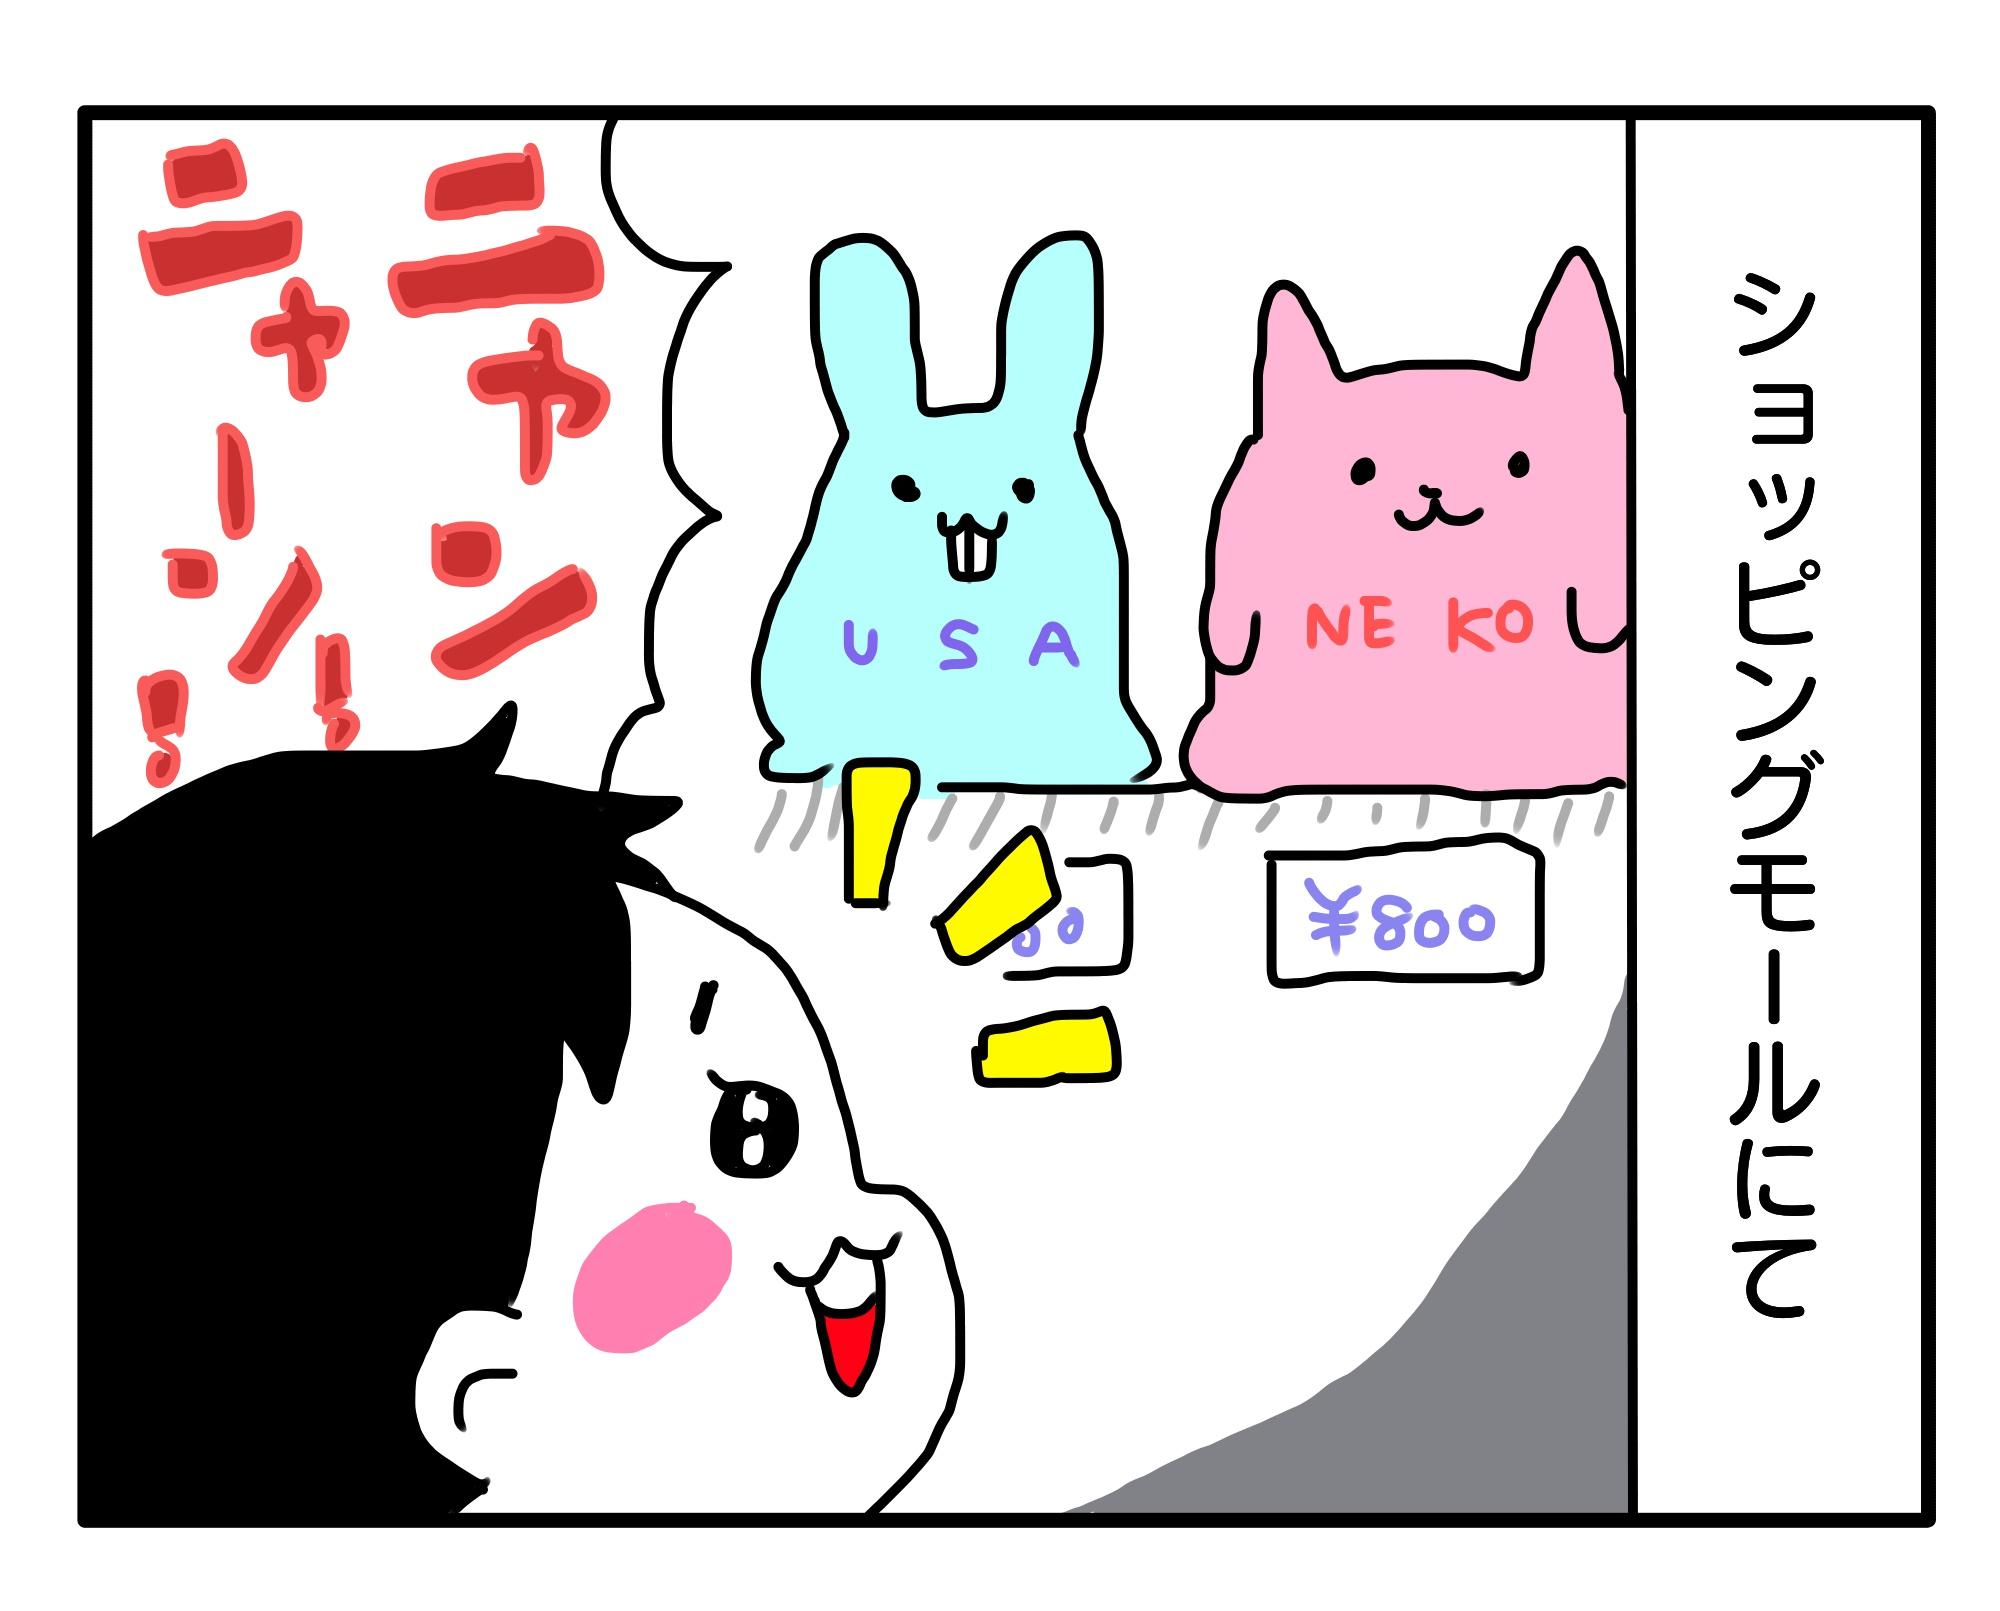 今日もポニョ子びより#7「将来どうなる?」